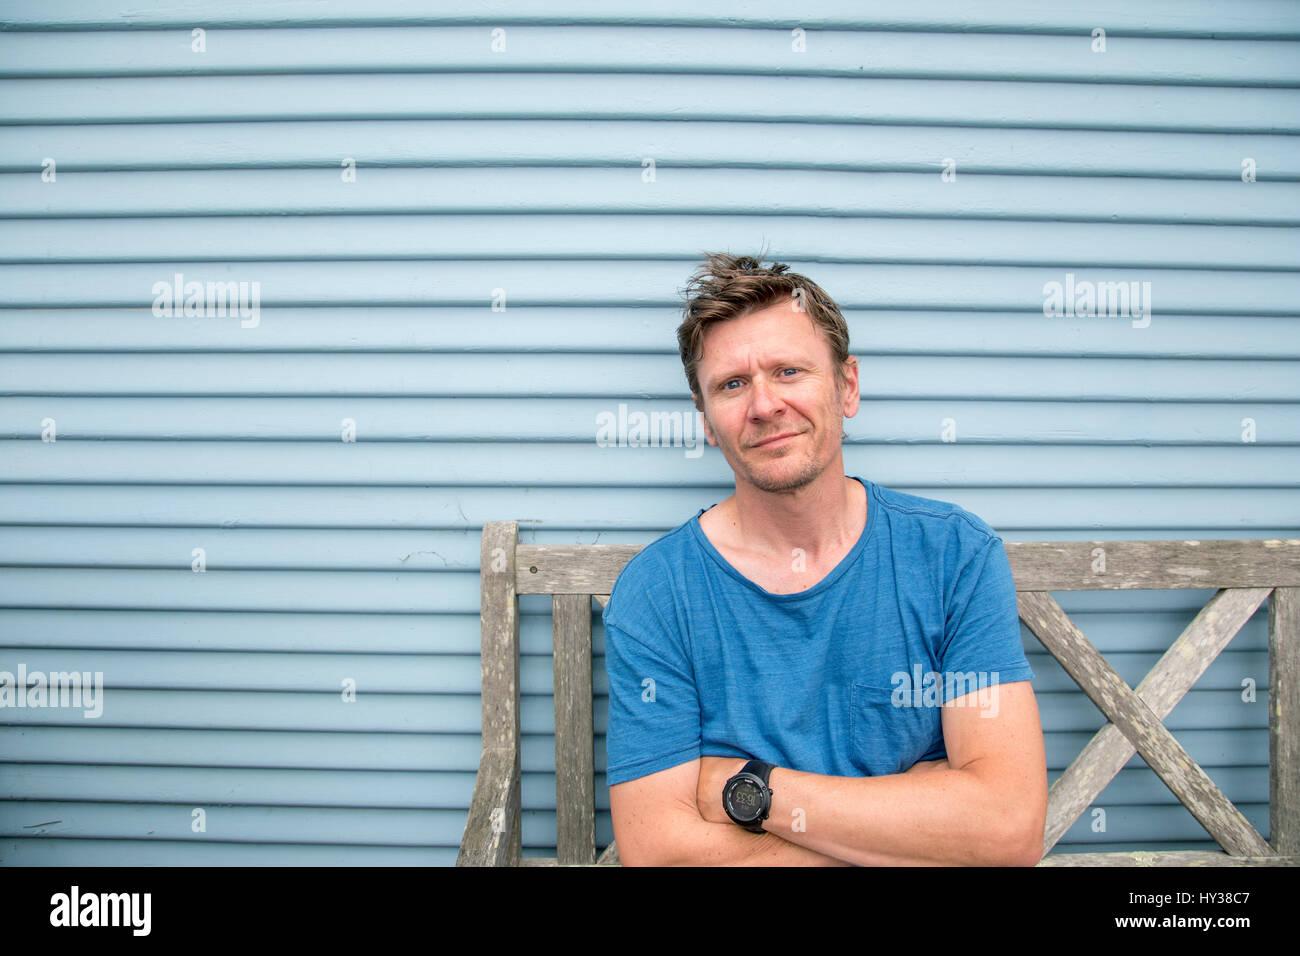 États-unis, Californie, Pacific Grove, homme assis sur le vieux banc en bois Photo Stock